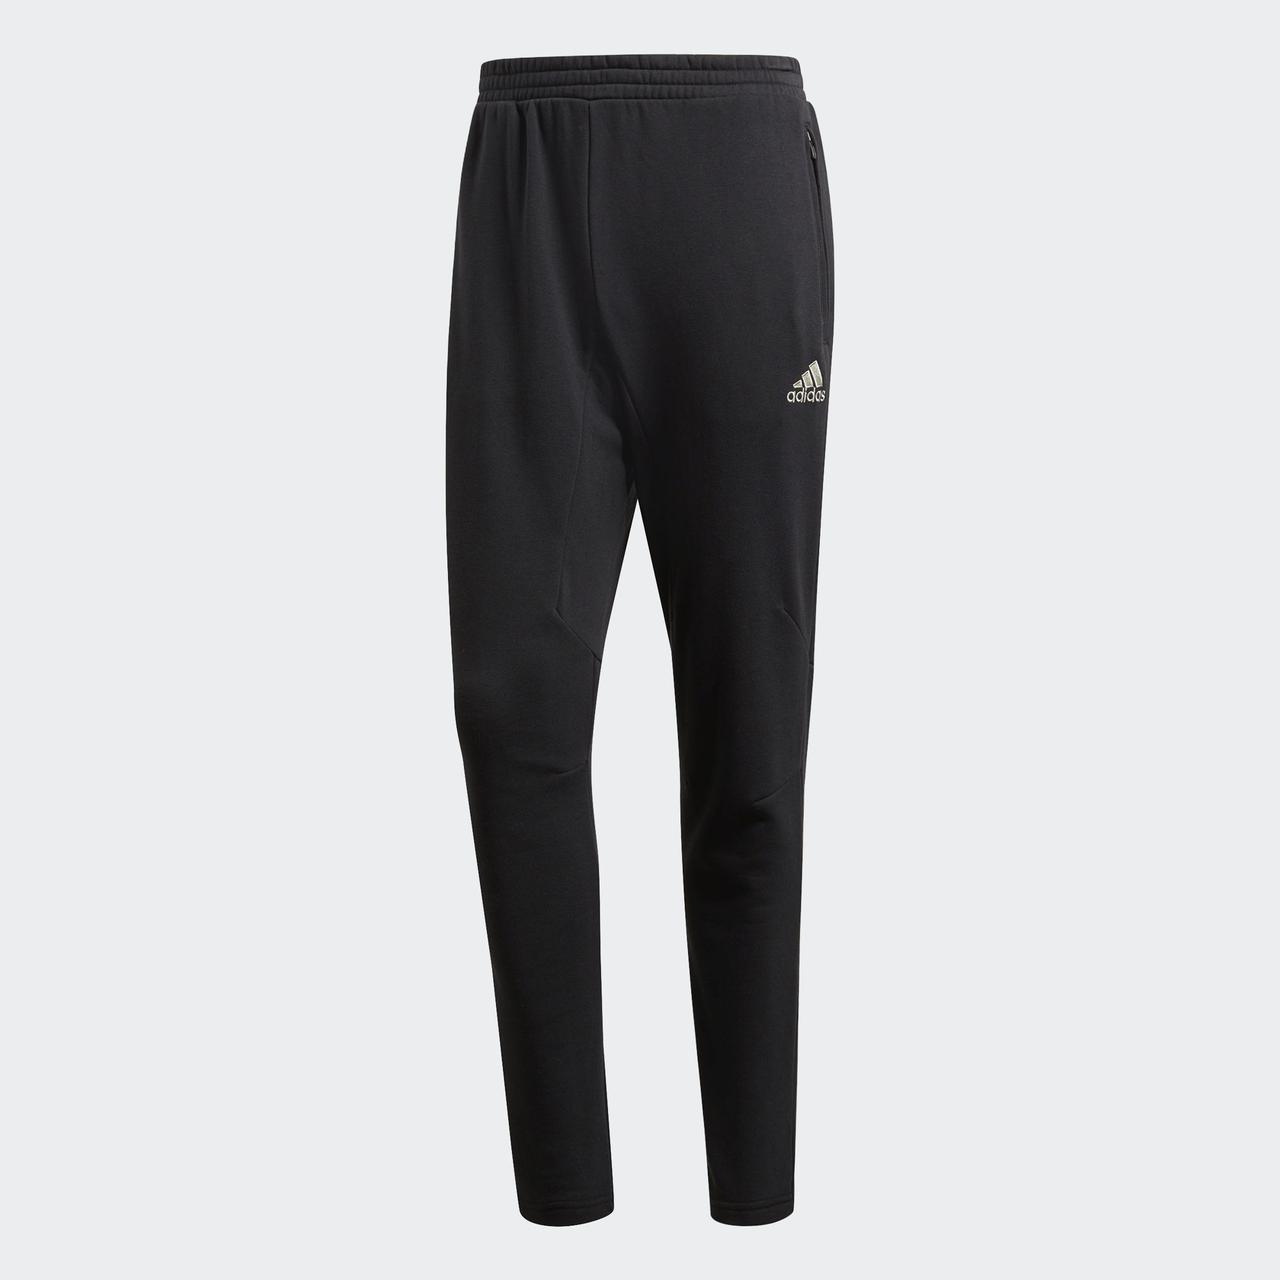 Мужские брюки Adidas Performance Juventus Seosonal Special (Артикул: CY6034)